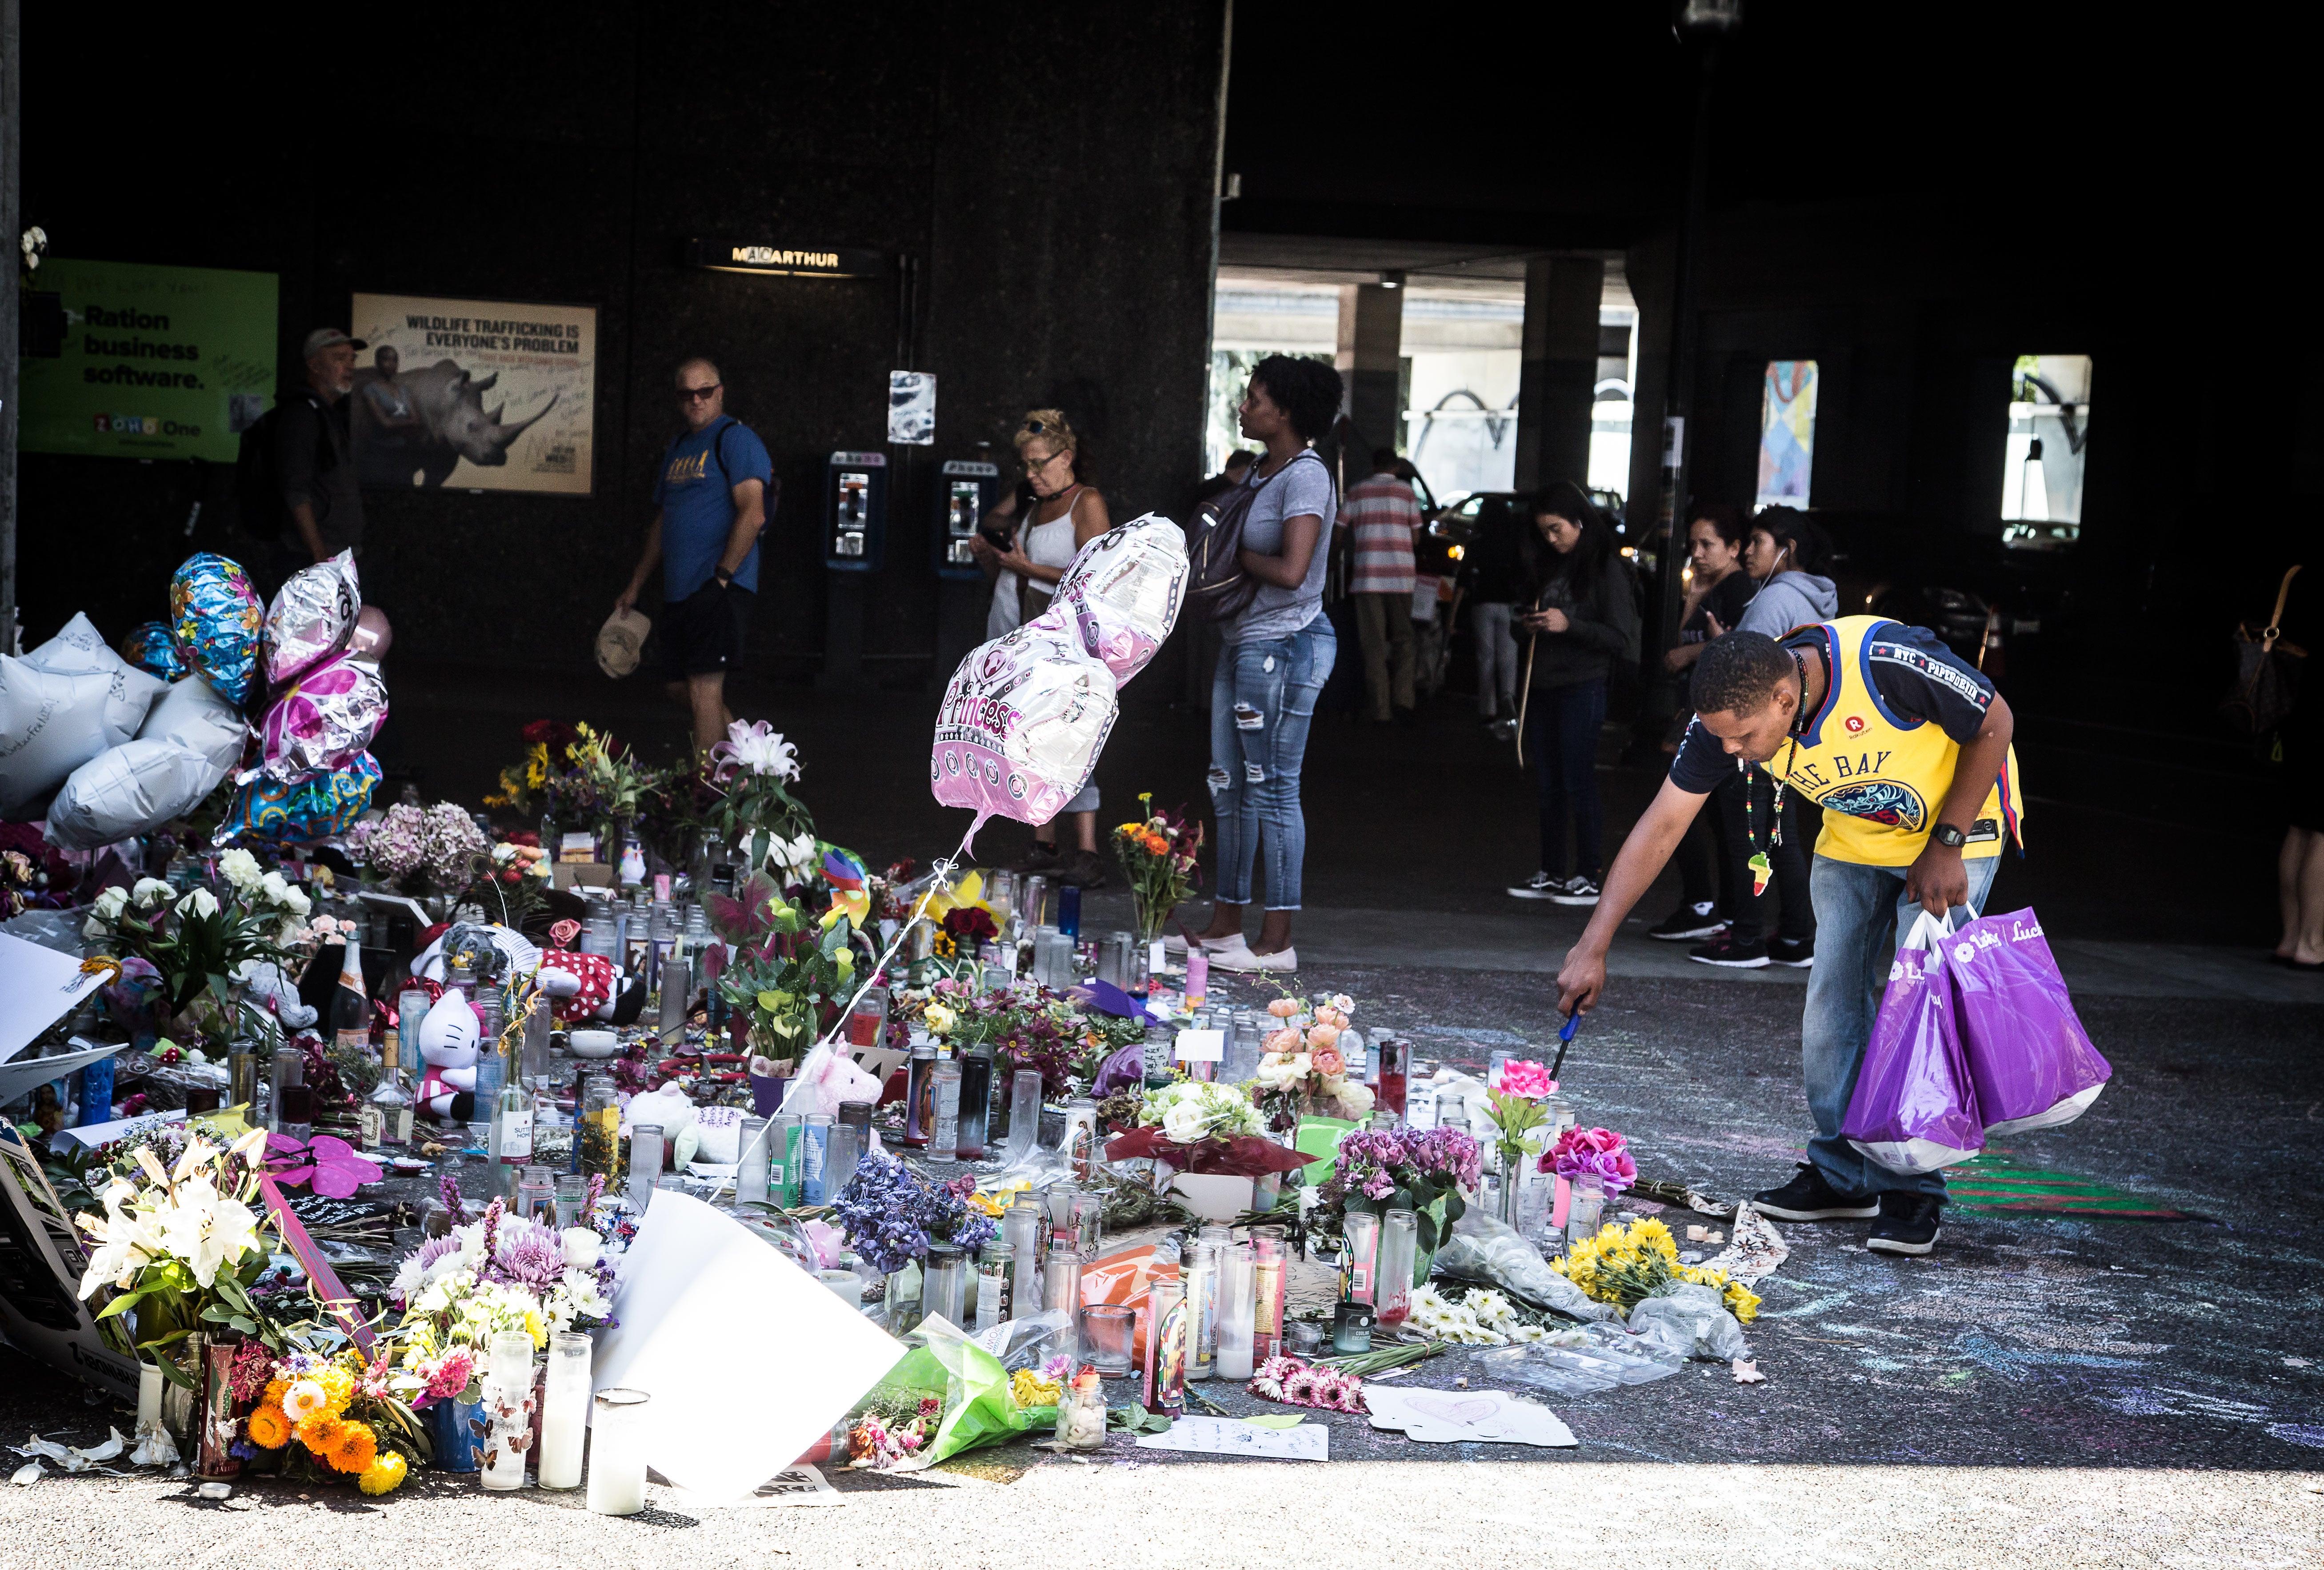 Memorial for Nia Wilson